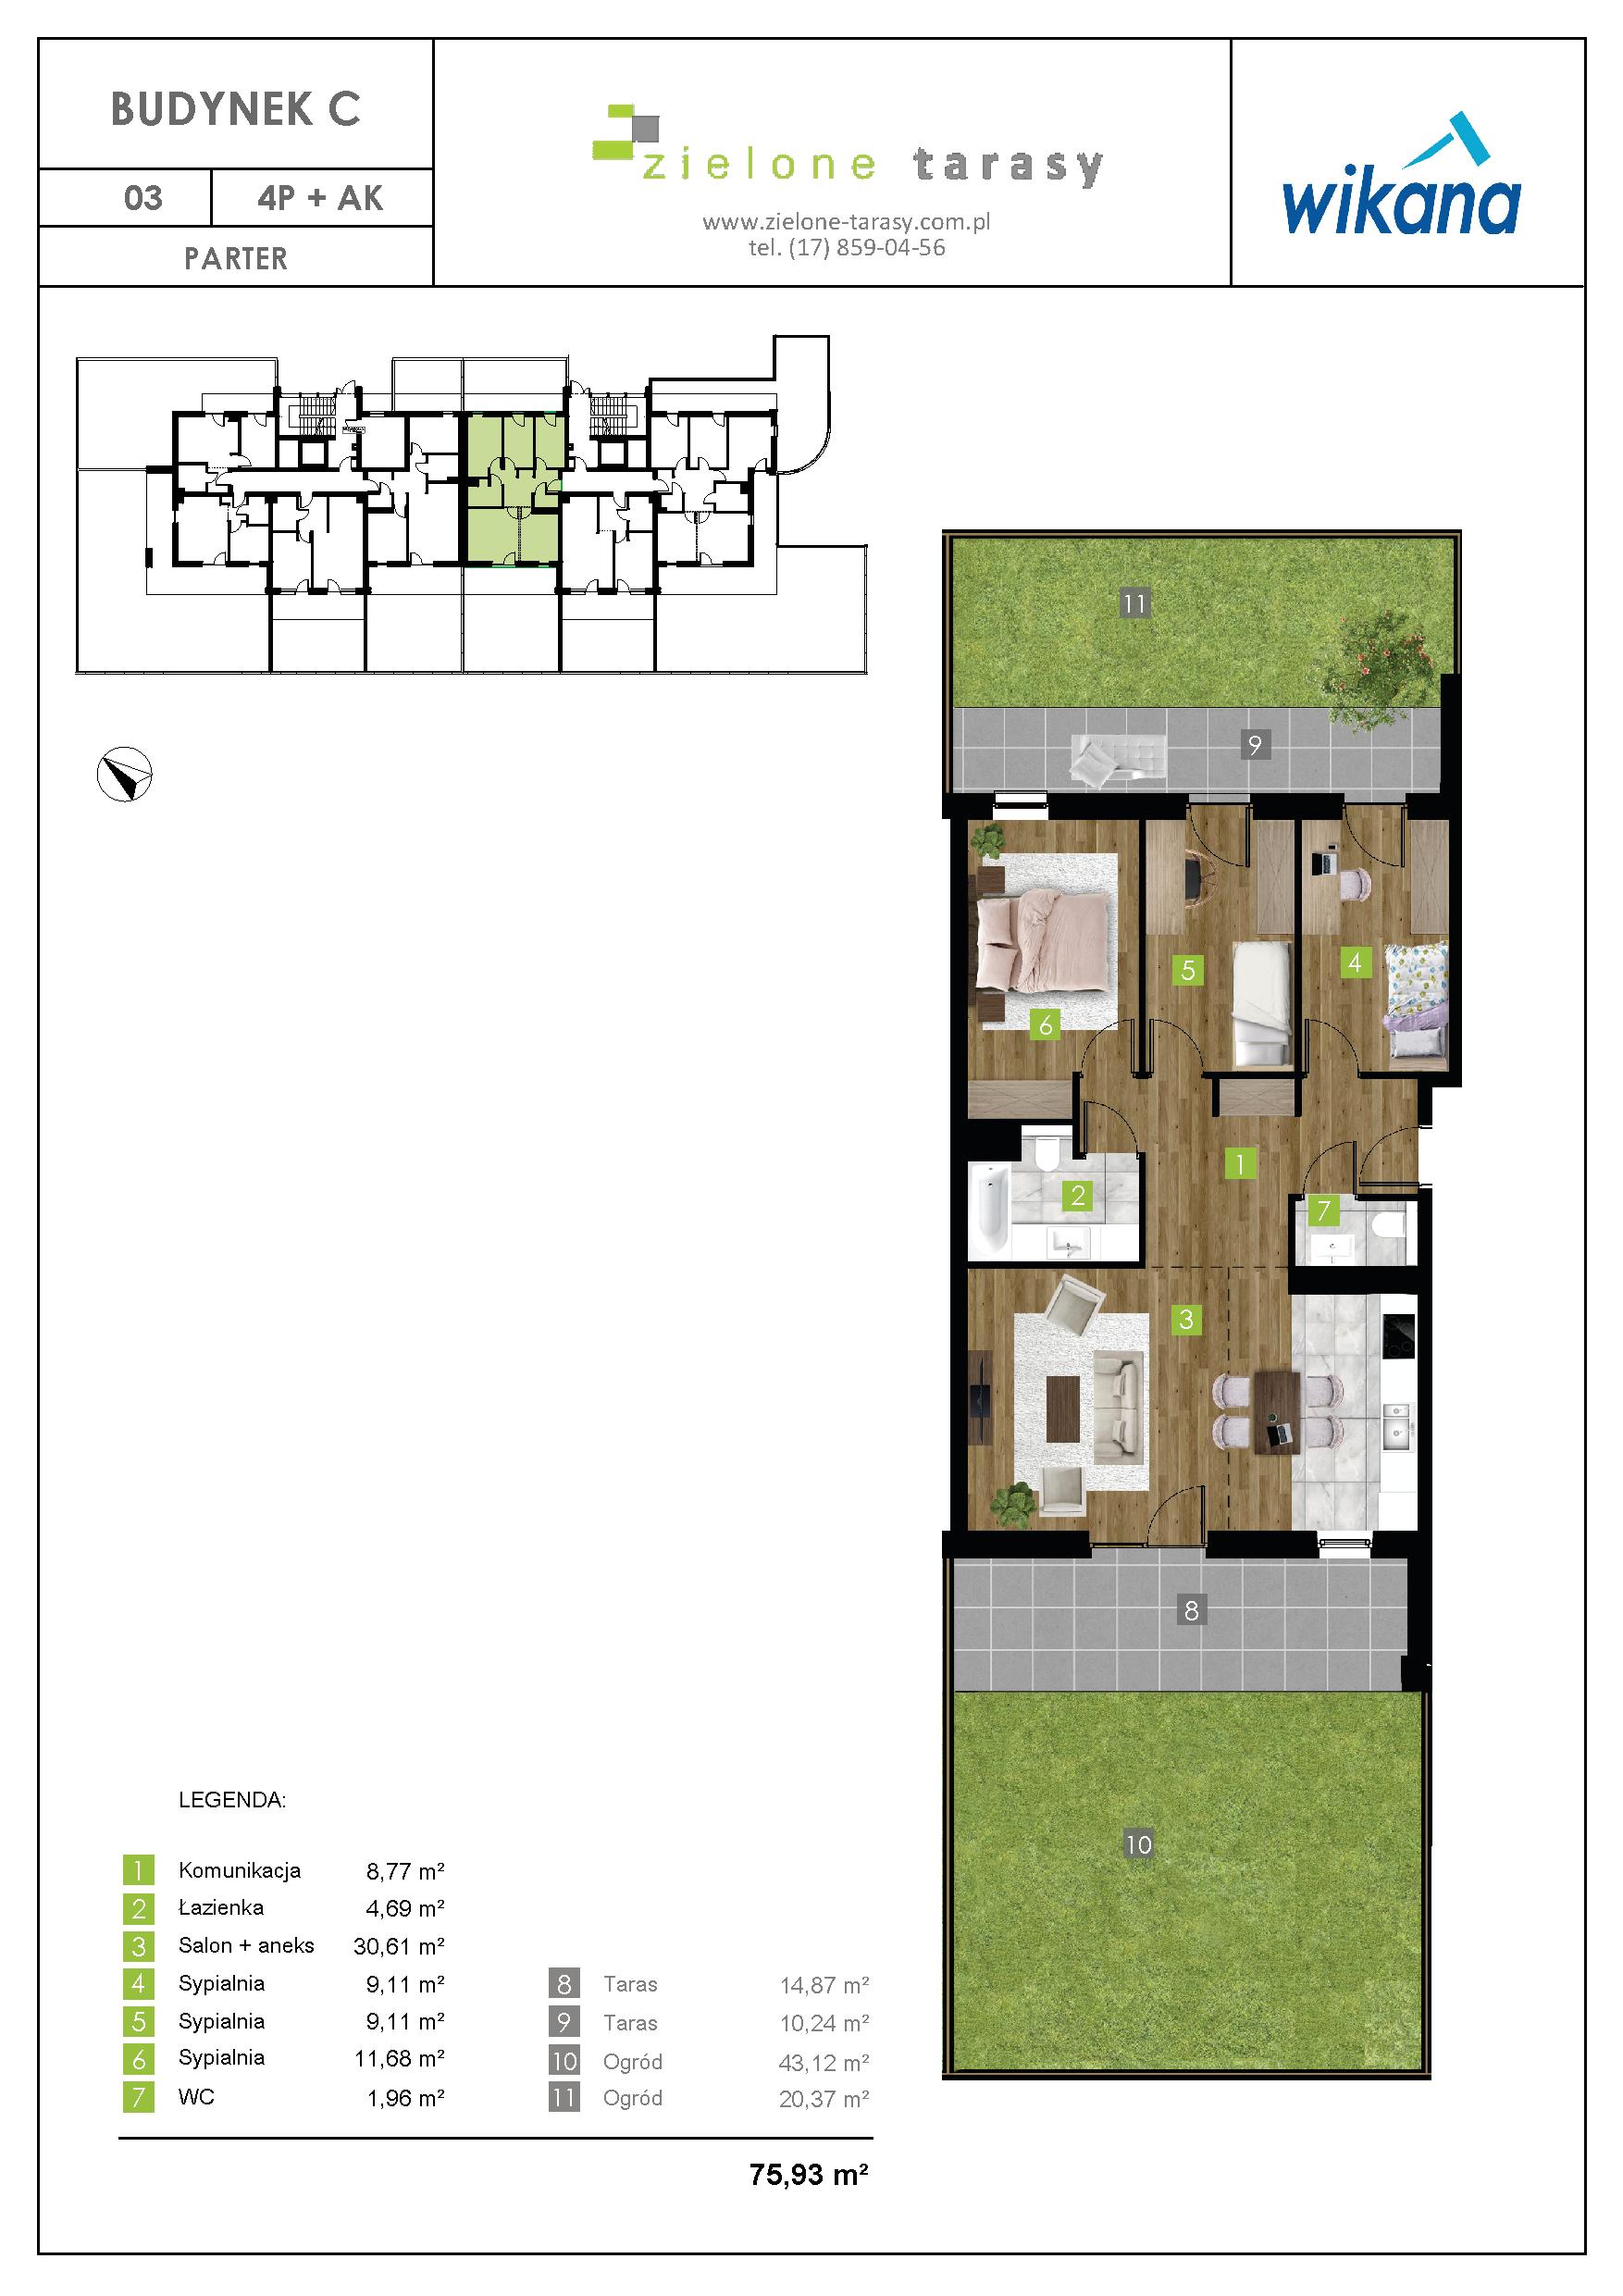 sprzedaż mieszkań rzeszów - C-03